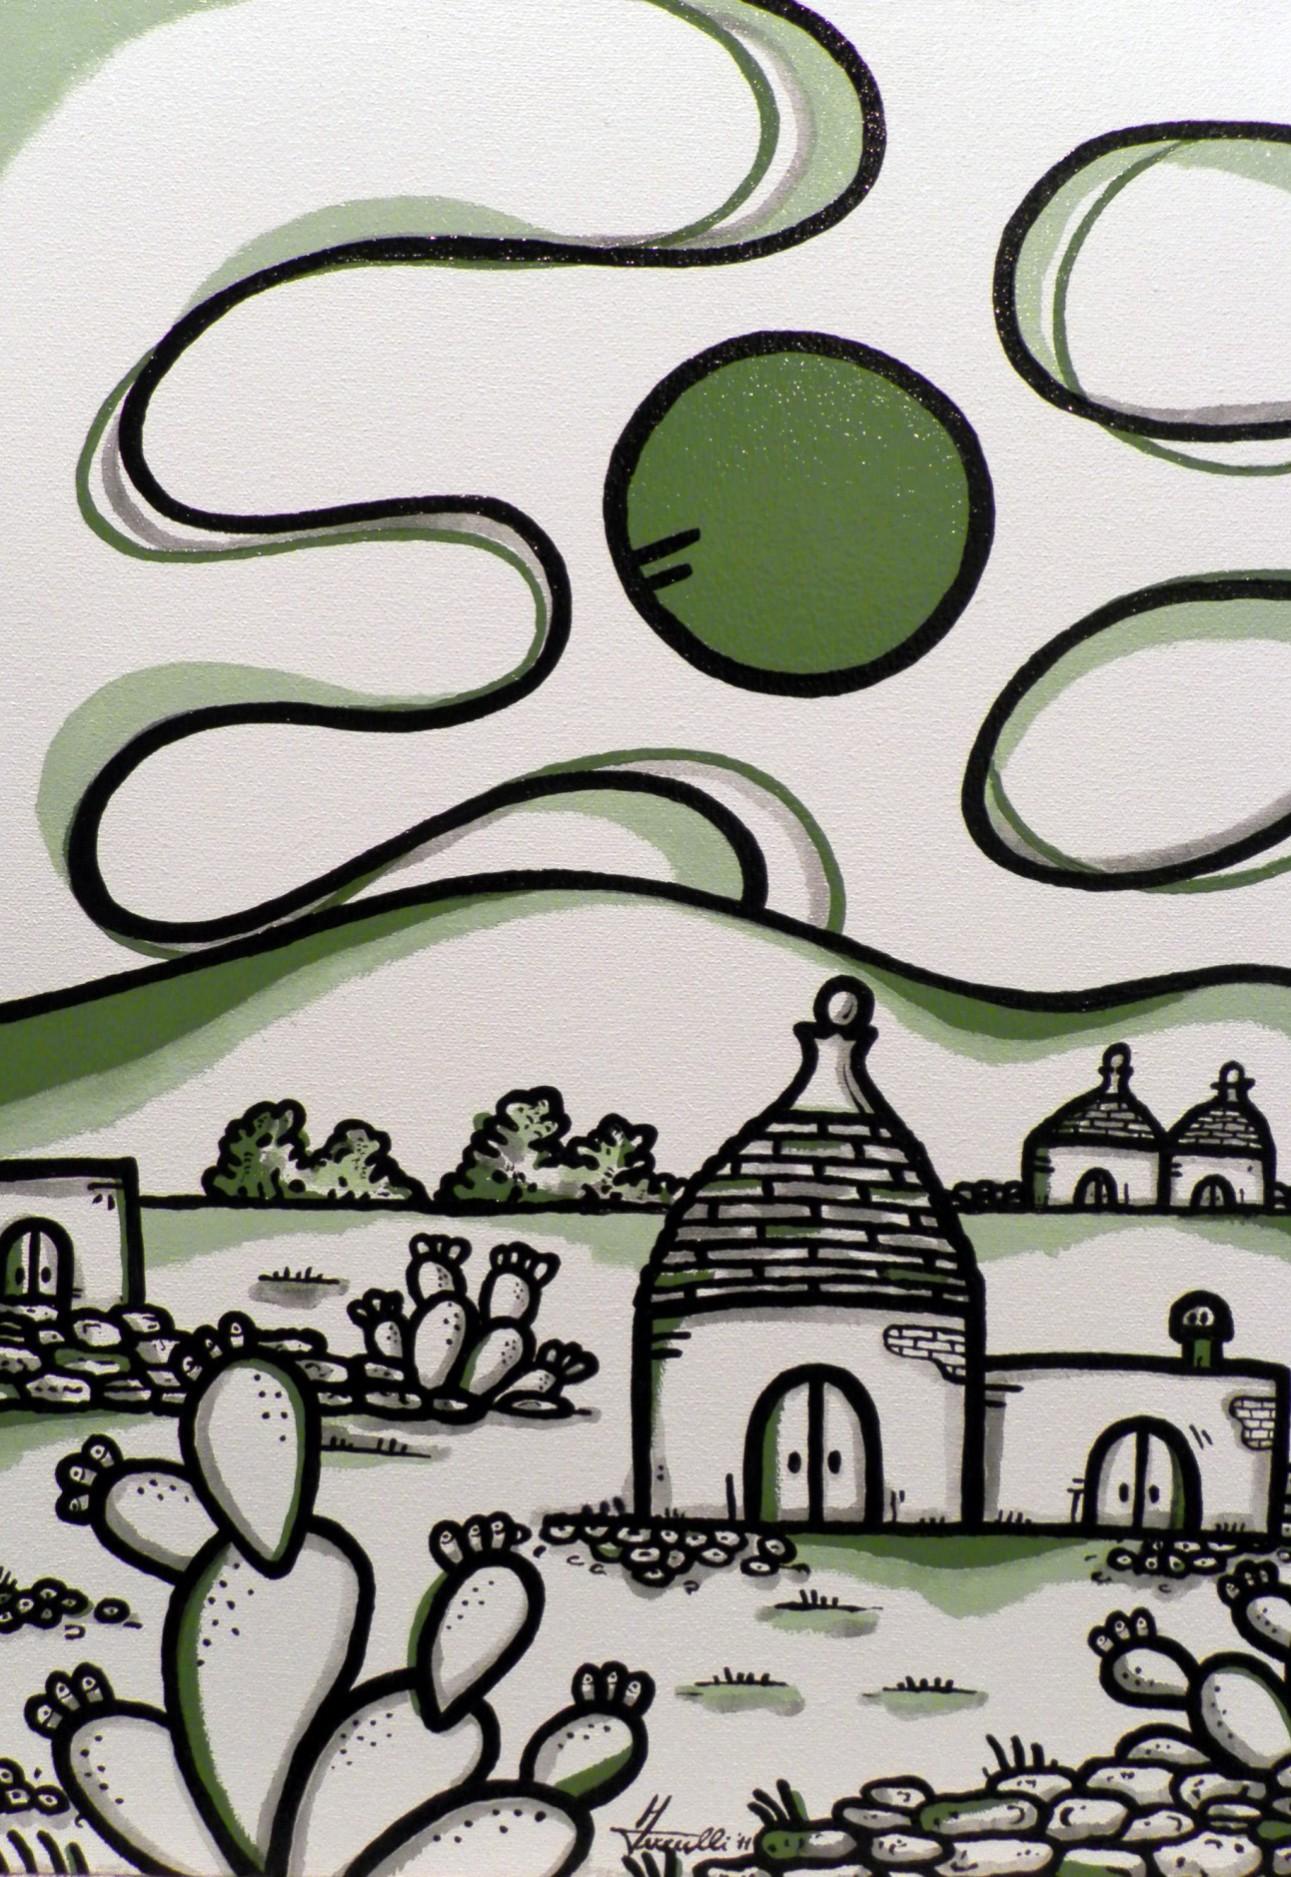 opera, contornismo metafisico, francesco ferrulli, pittore pugliese, artista italiano, arte contemporanea, dipinto, olio su tela, paesaggi pugliesi, puglia,